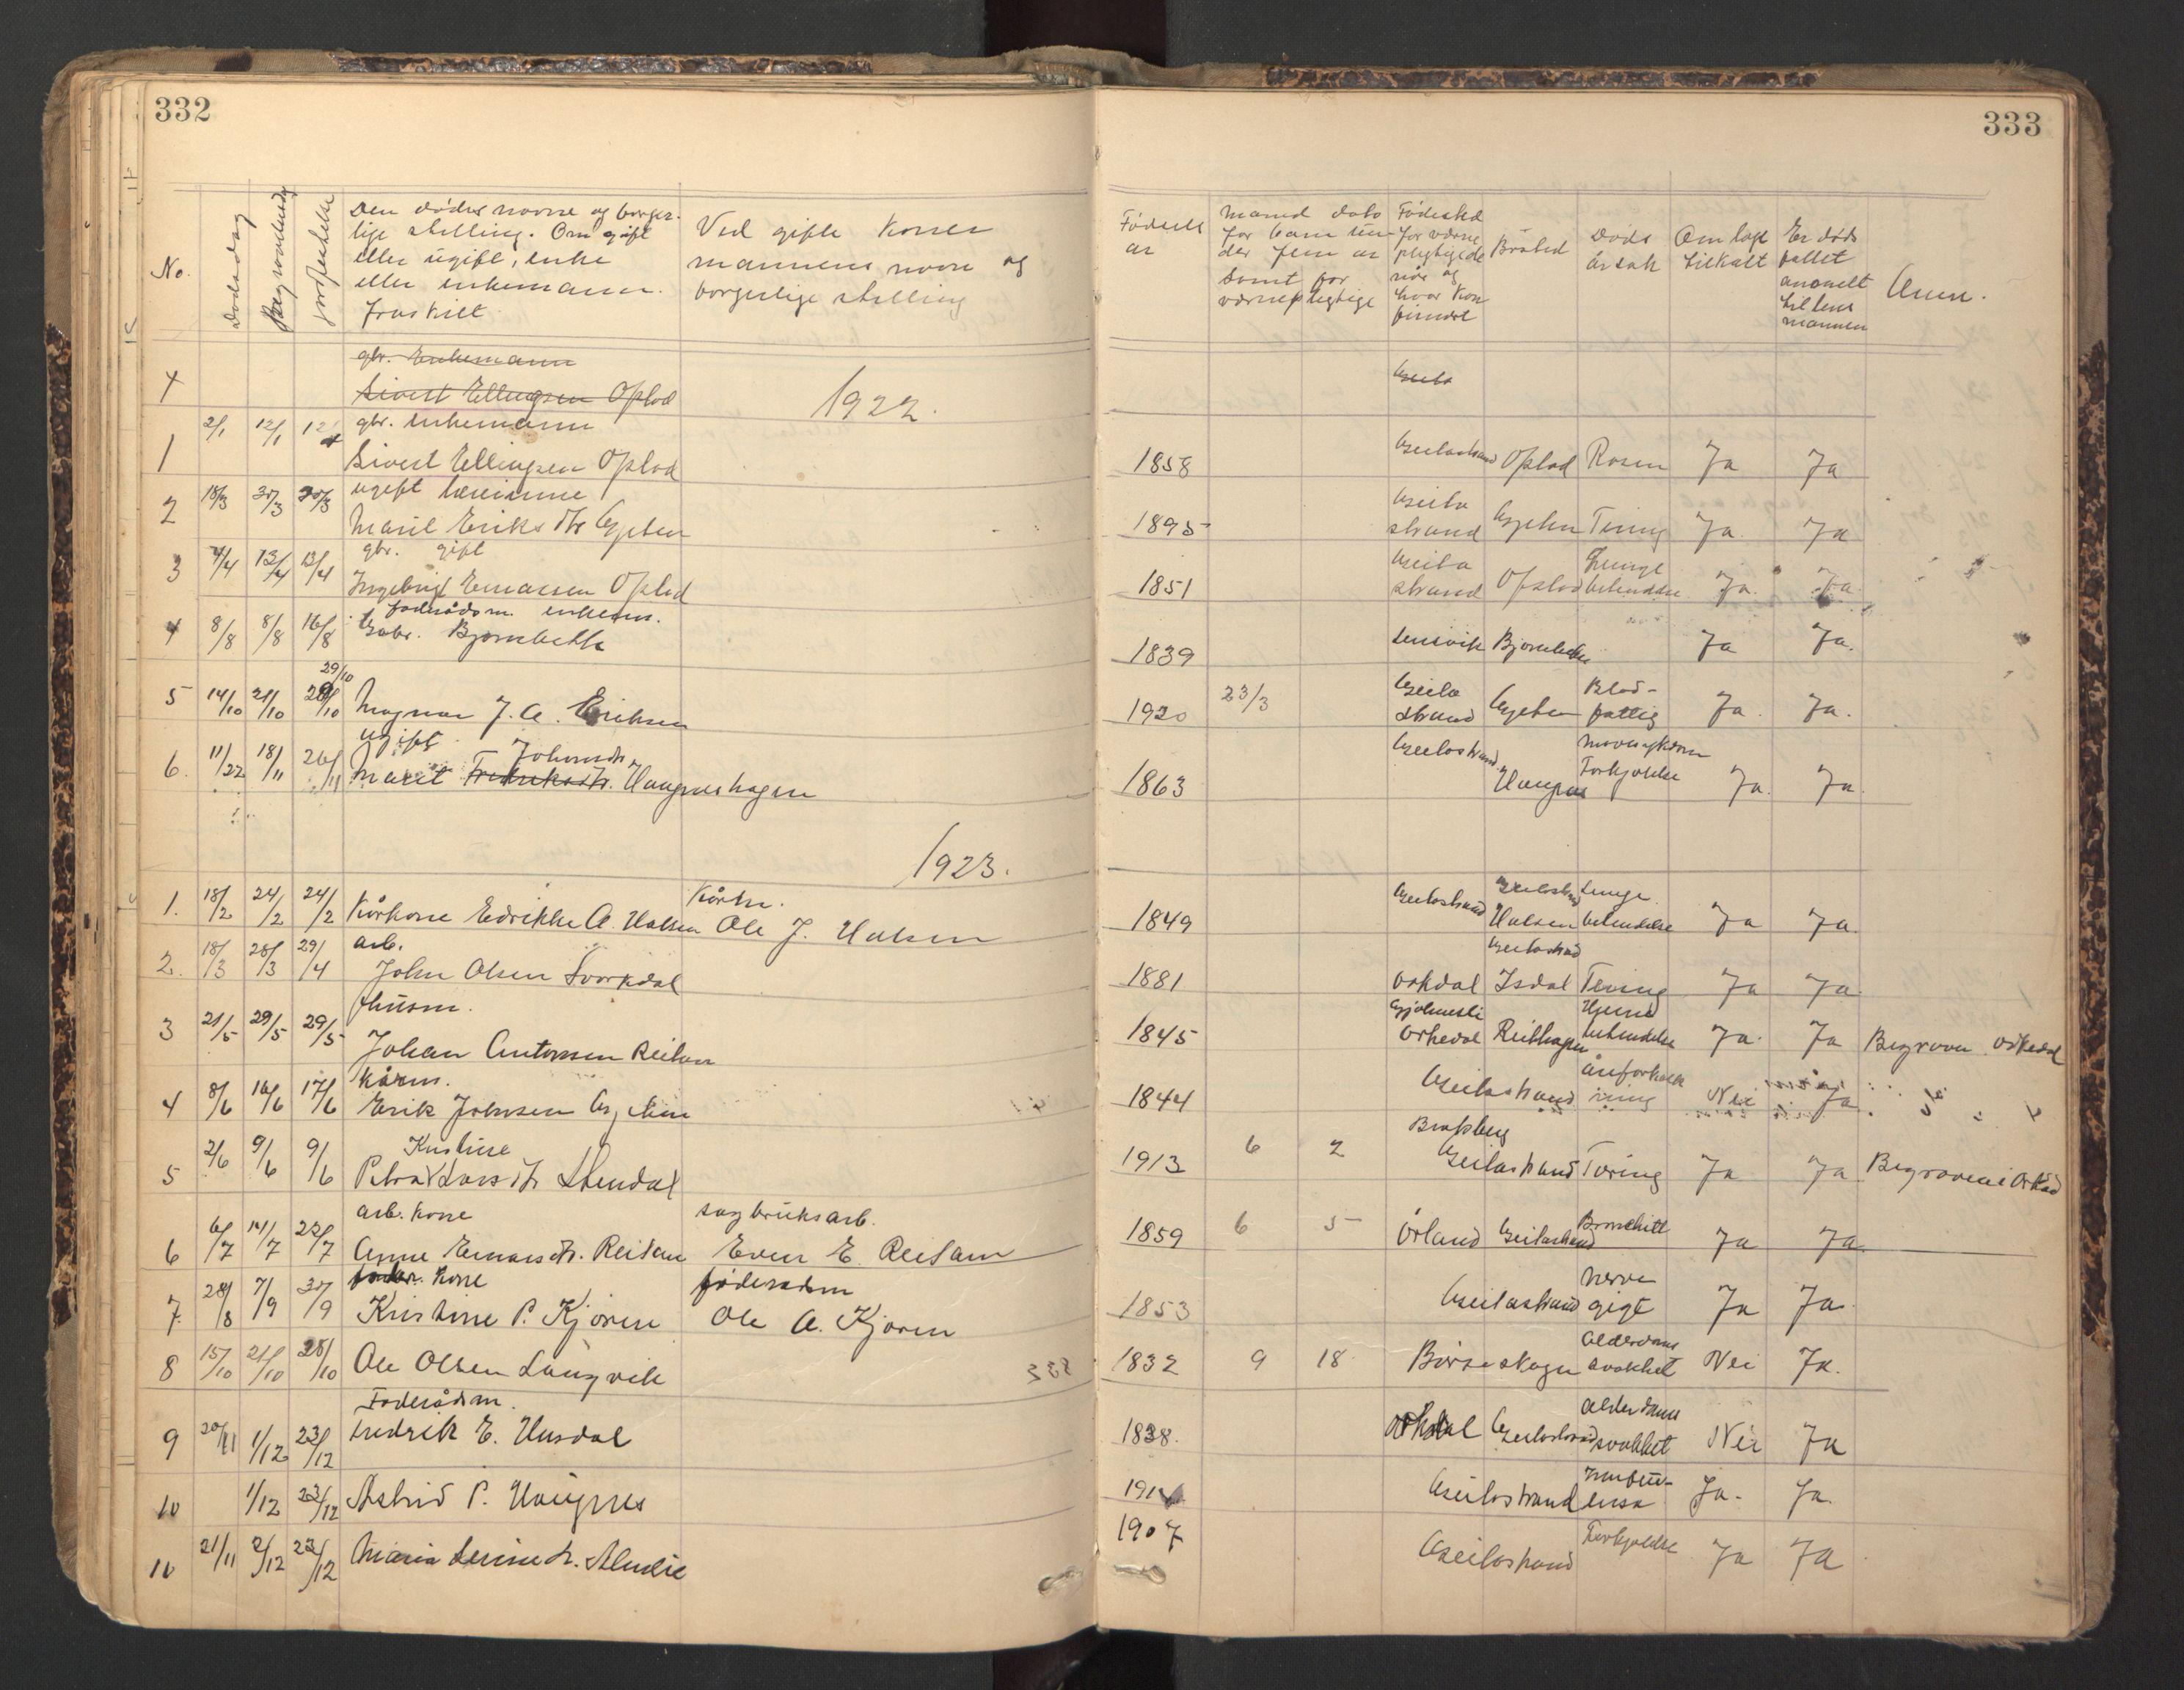 SAT, Ministerialprotokoller, klokkerbøker og fødselsregistre - Sør-Trøndelag, 670/L0837: Klokkerbok nr. 670C01, 1905-1946, s. 332-333